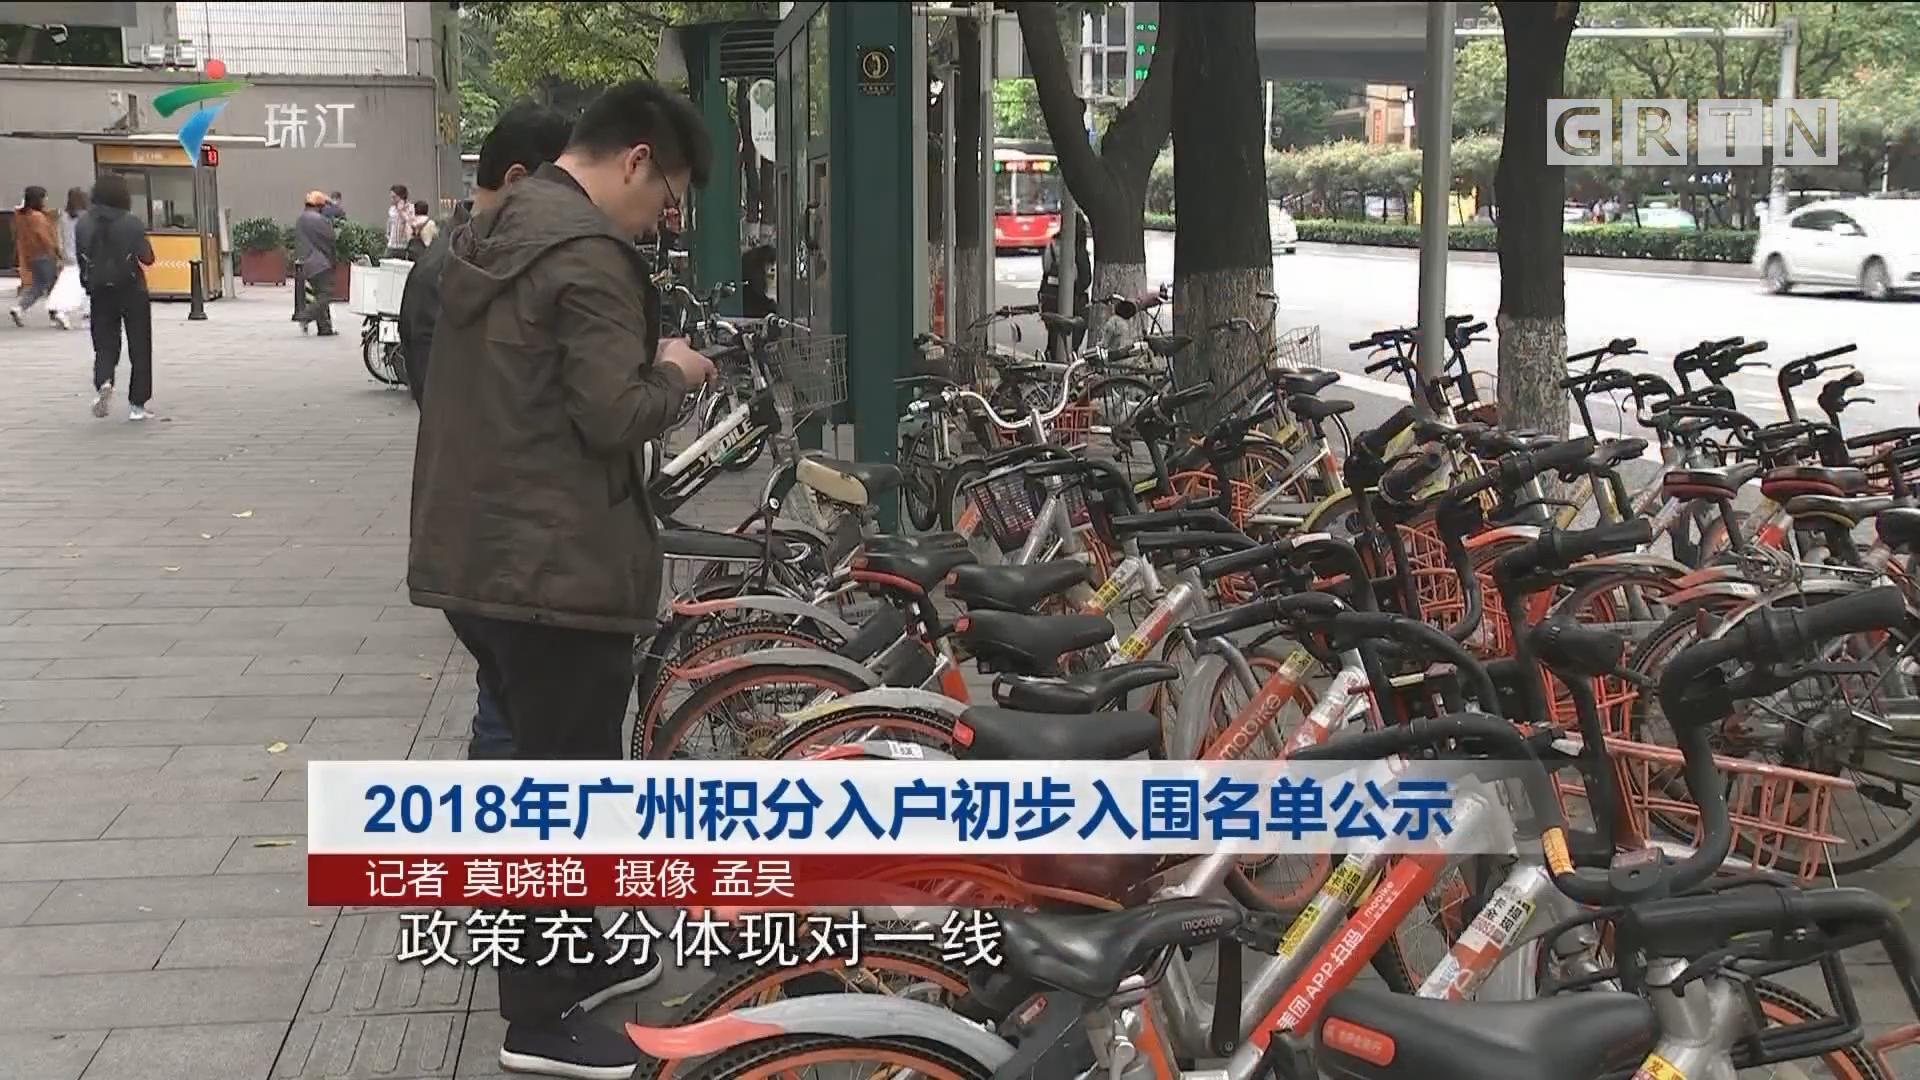 2018年广州积分入户初步入围名单公示